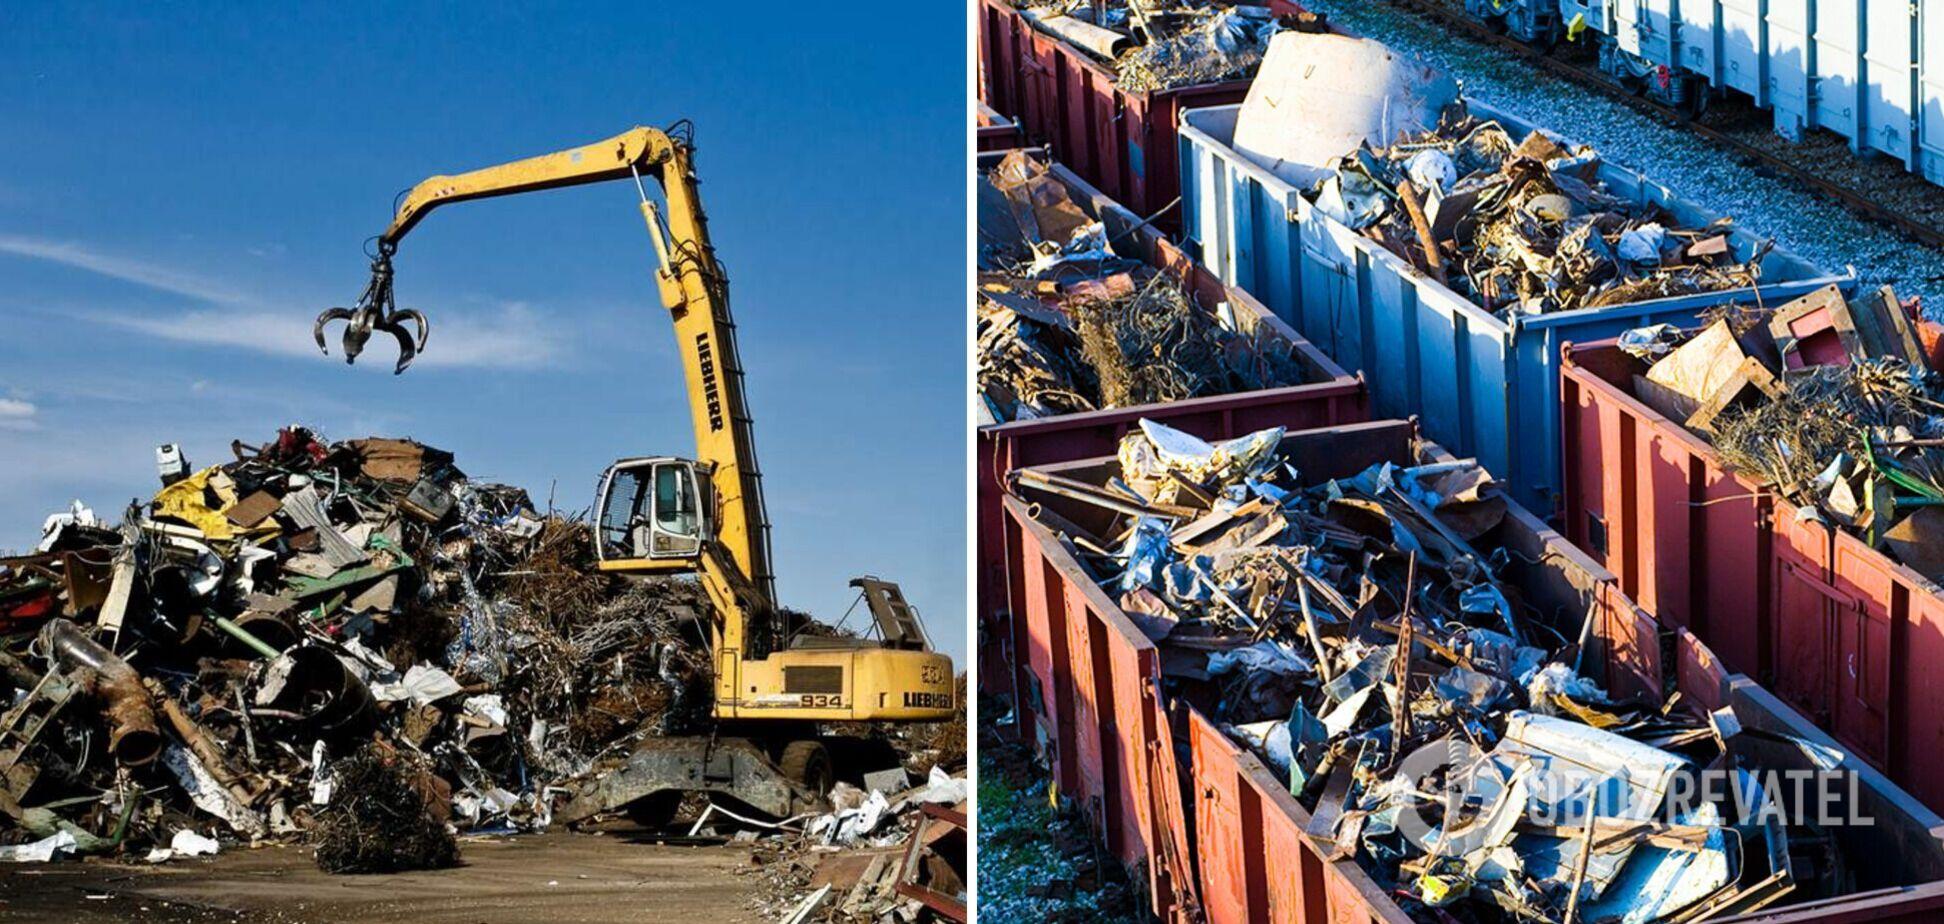 Україна повинна вводити тимчасову заборону на експорт металобрухту на тлі турецької економічної агресії